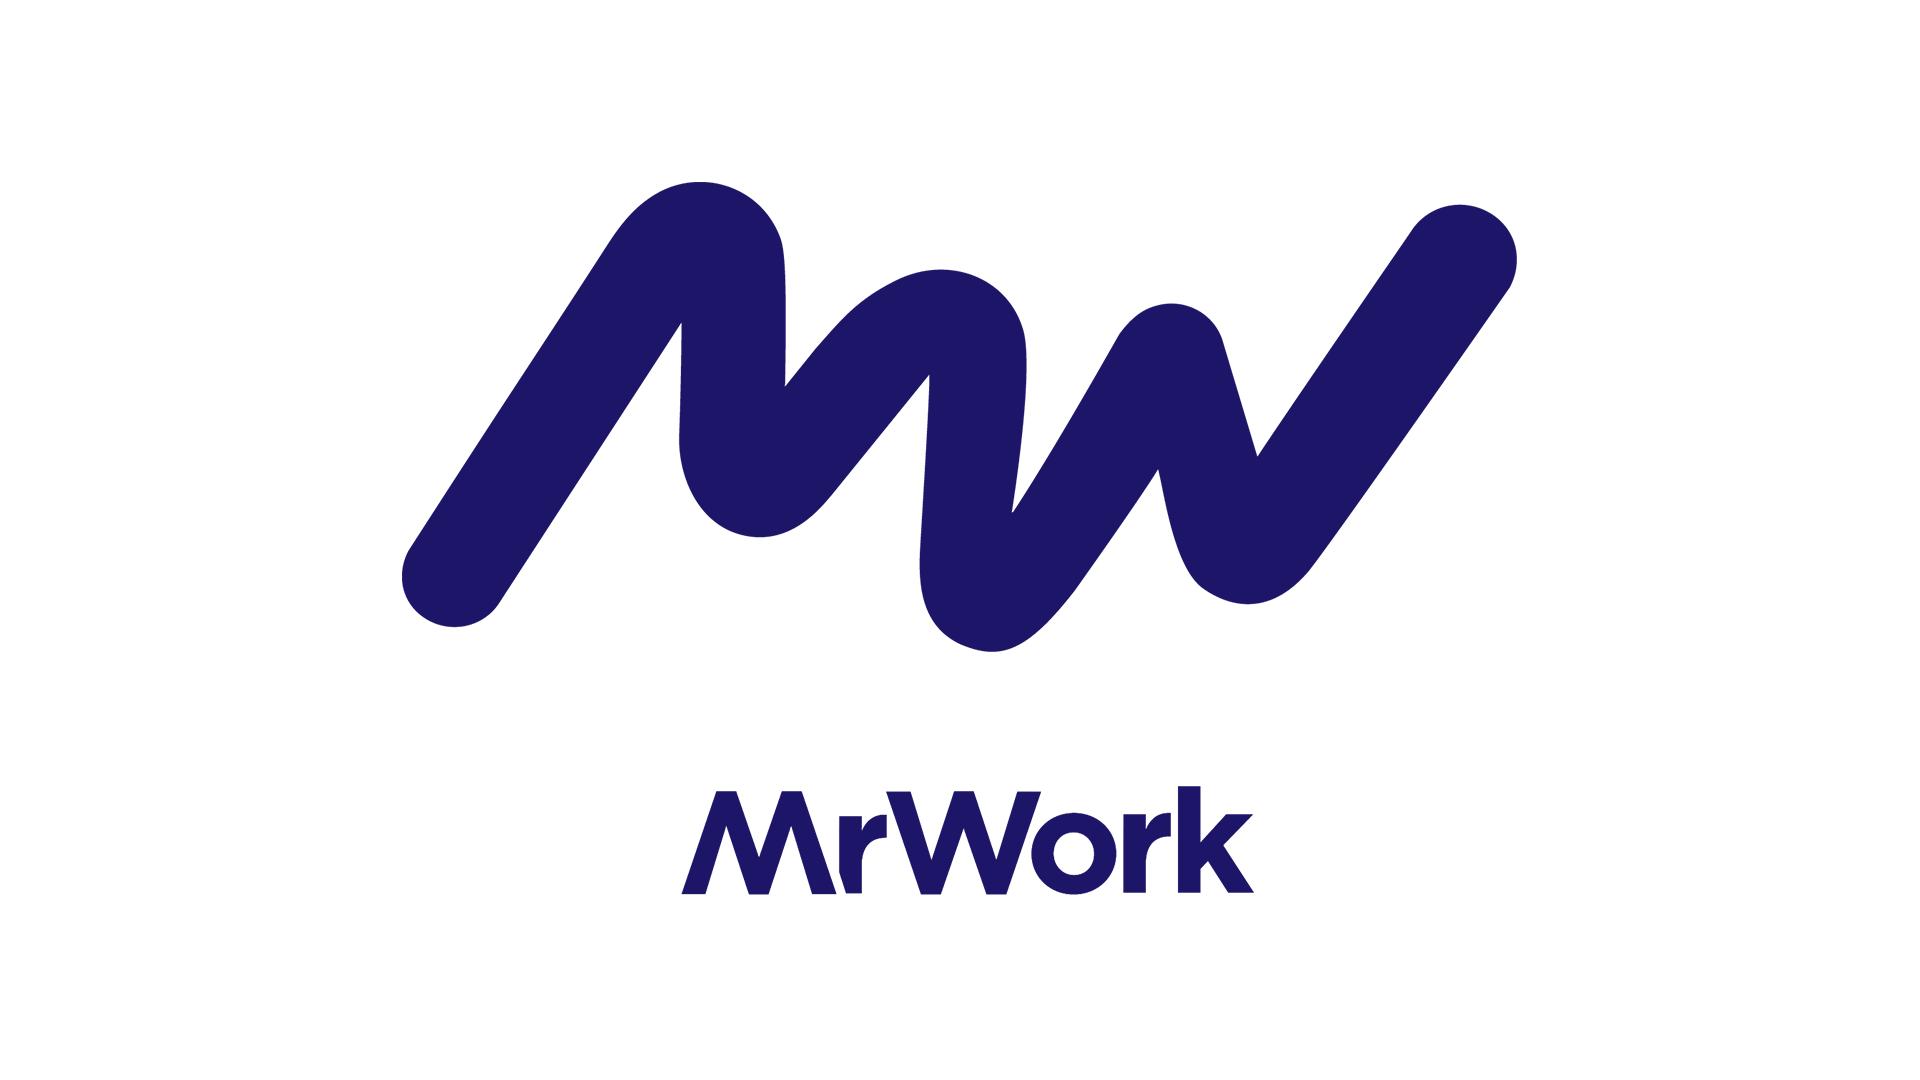 MrWork